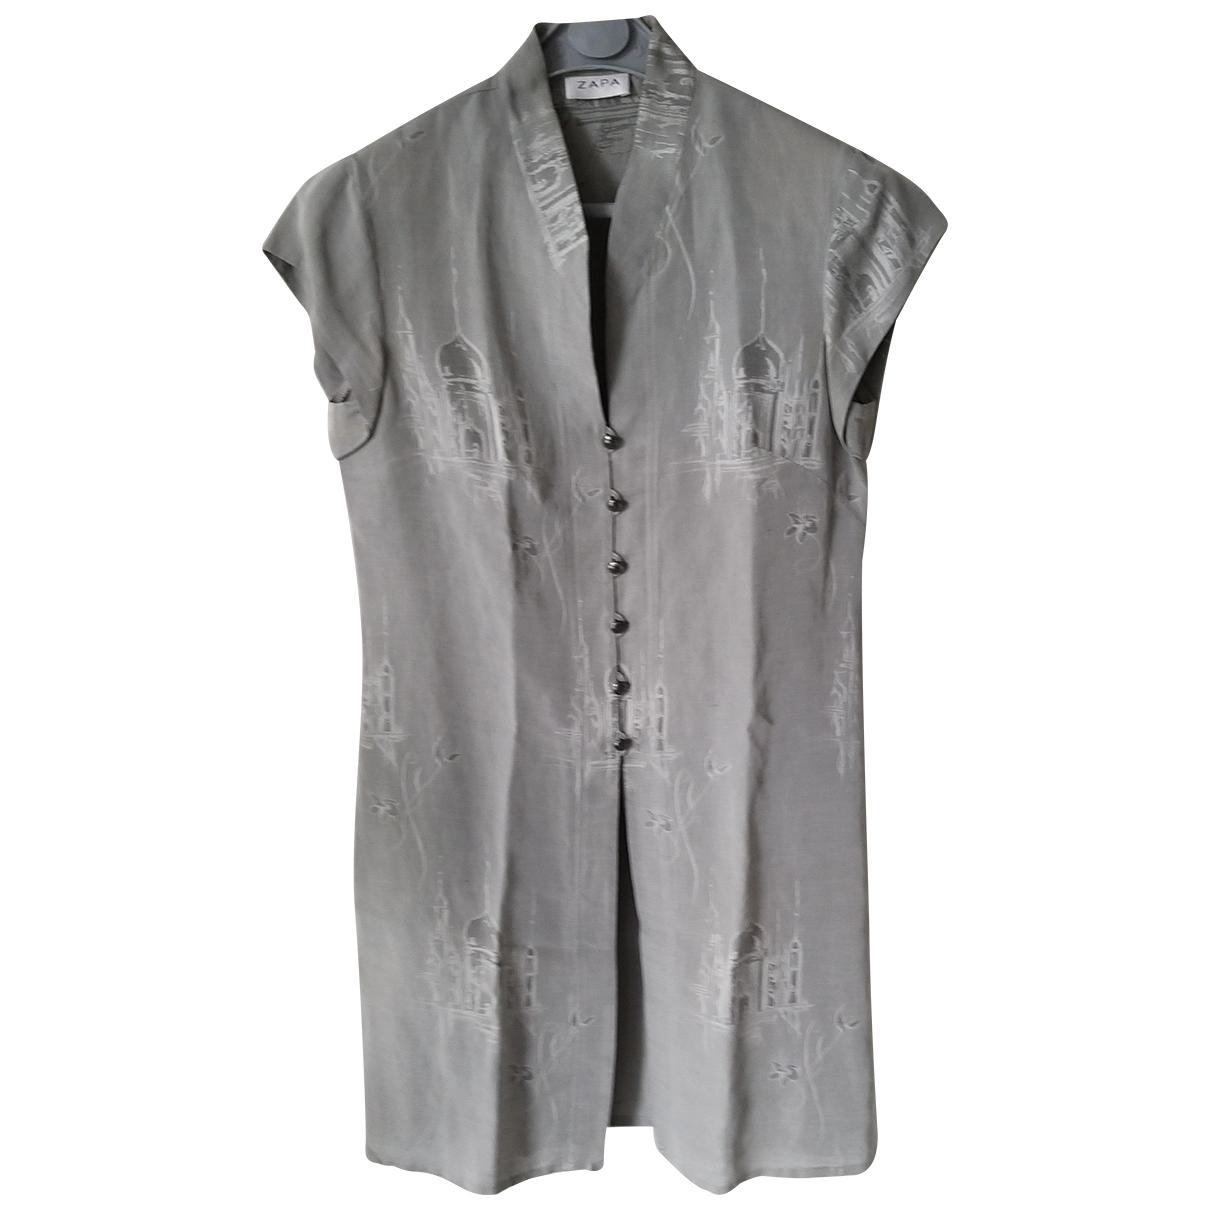 Zapa \N Grey Linen  top for Women 38 FR